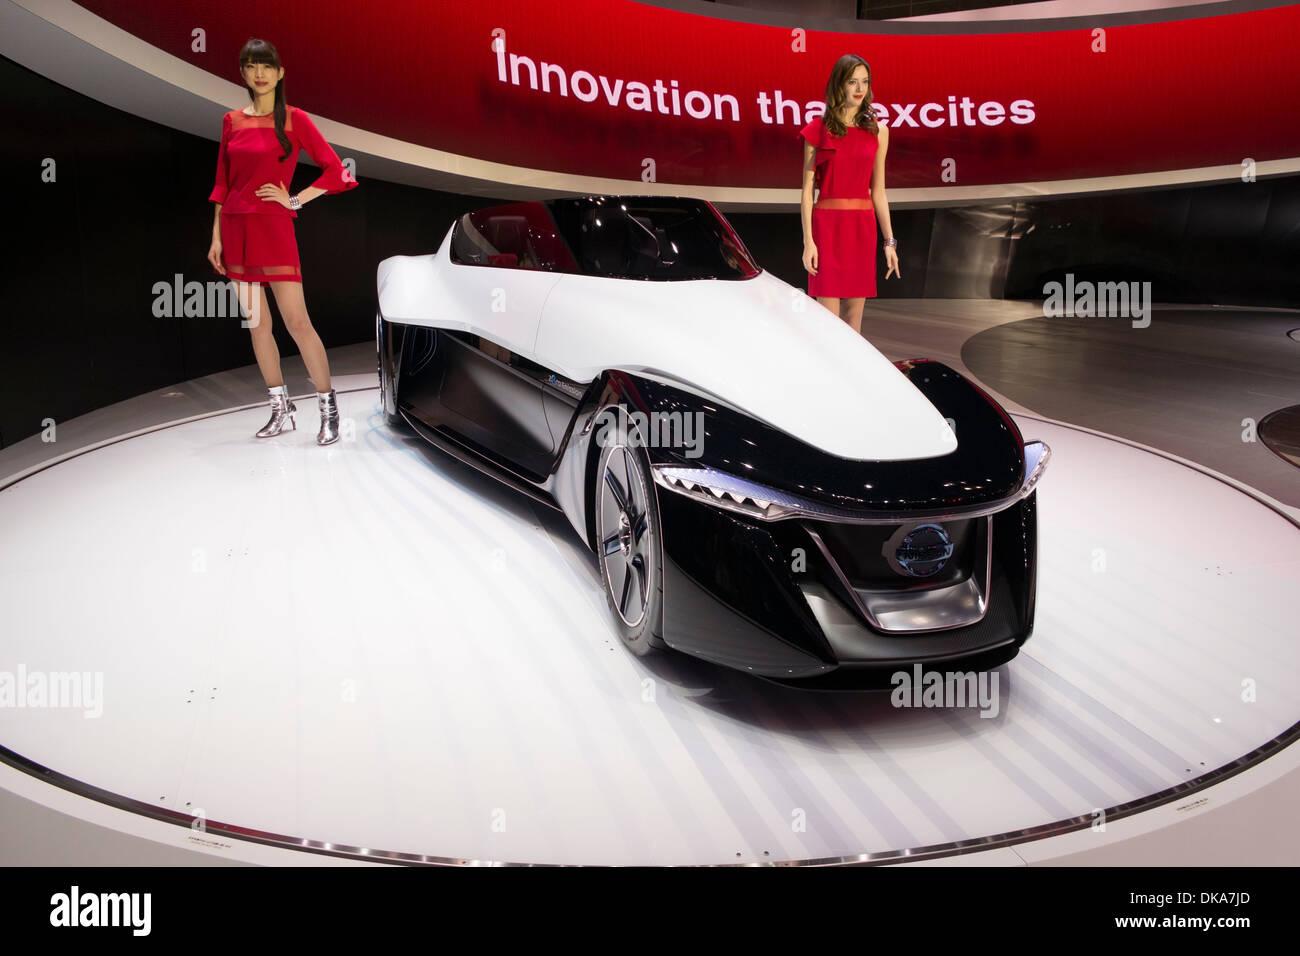 Nissan Bladeglider Konzept Elektroauto auf der Tokio Motor Show 2013 in Japan Stockbild